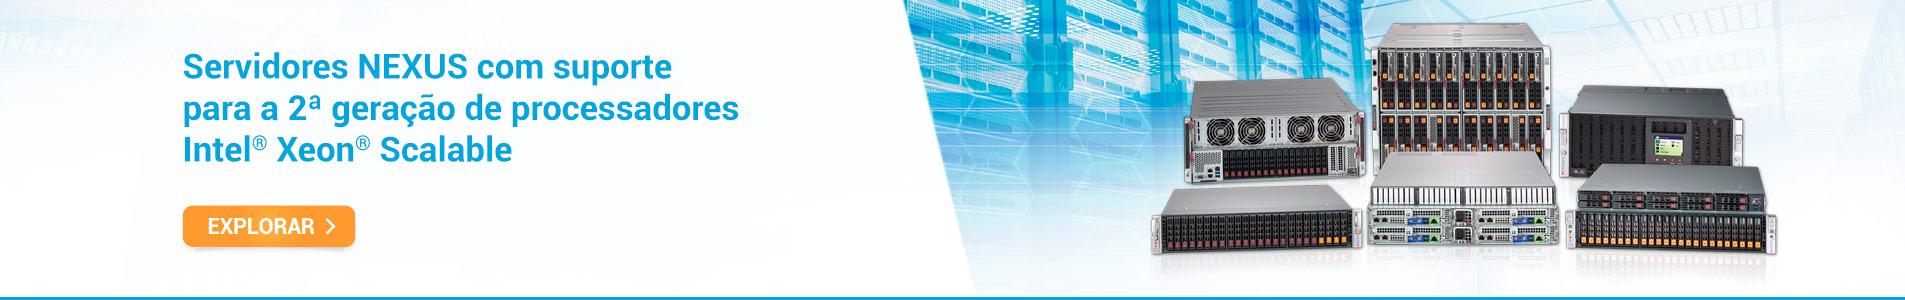 servidores-intel-xeon-scalable-cascade-lake